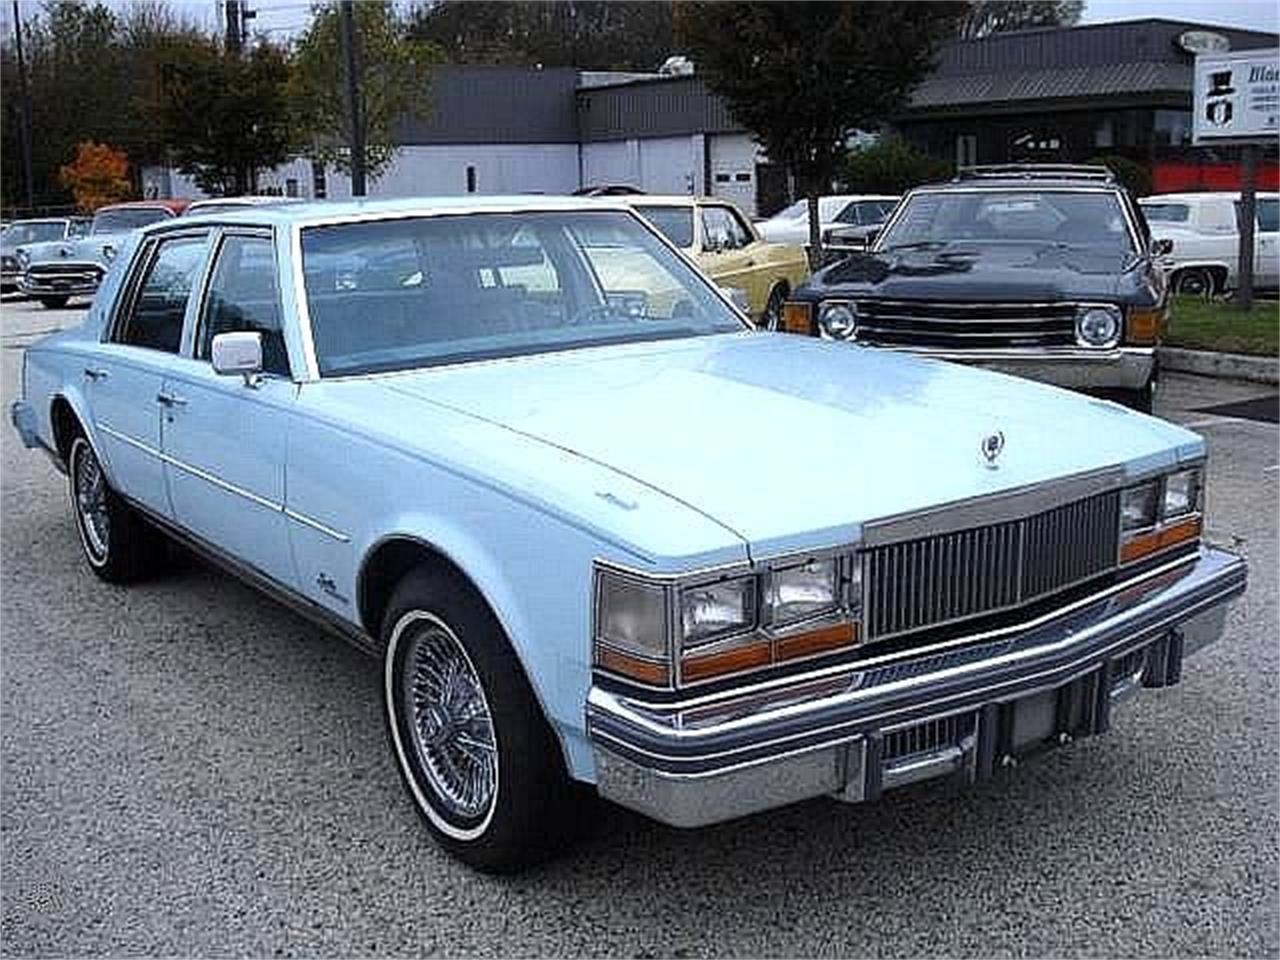 1978 Cadillac Seville for sale in Stratford, NJ ...